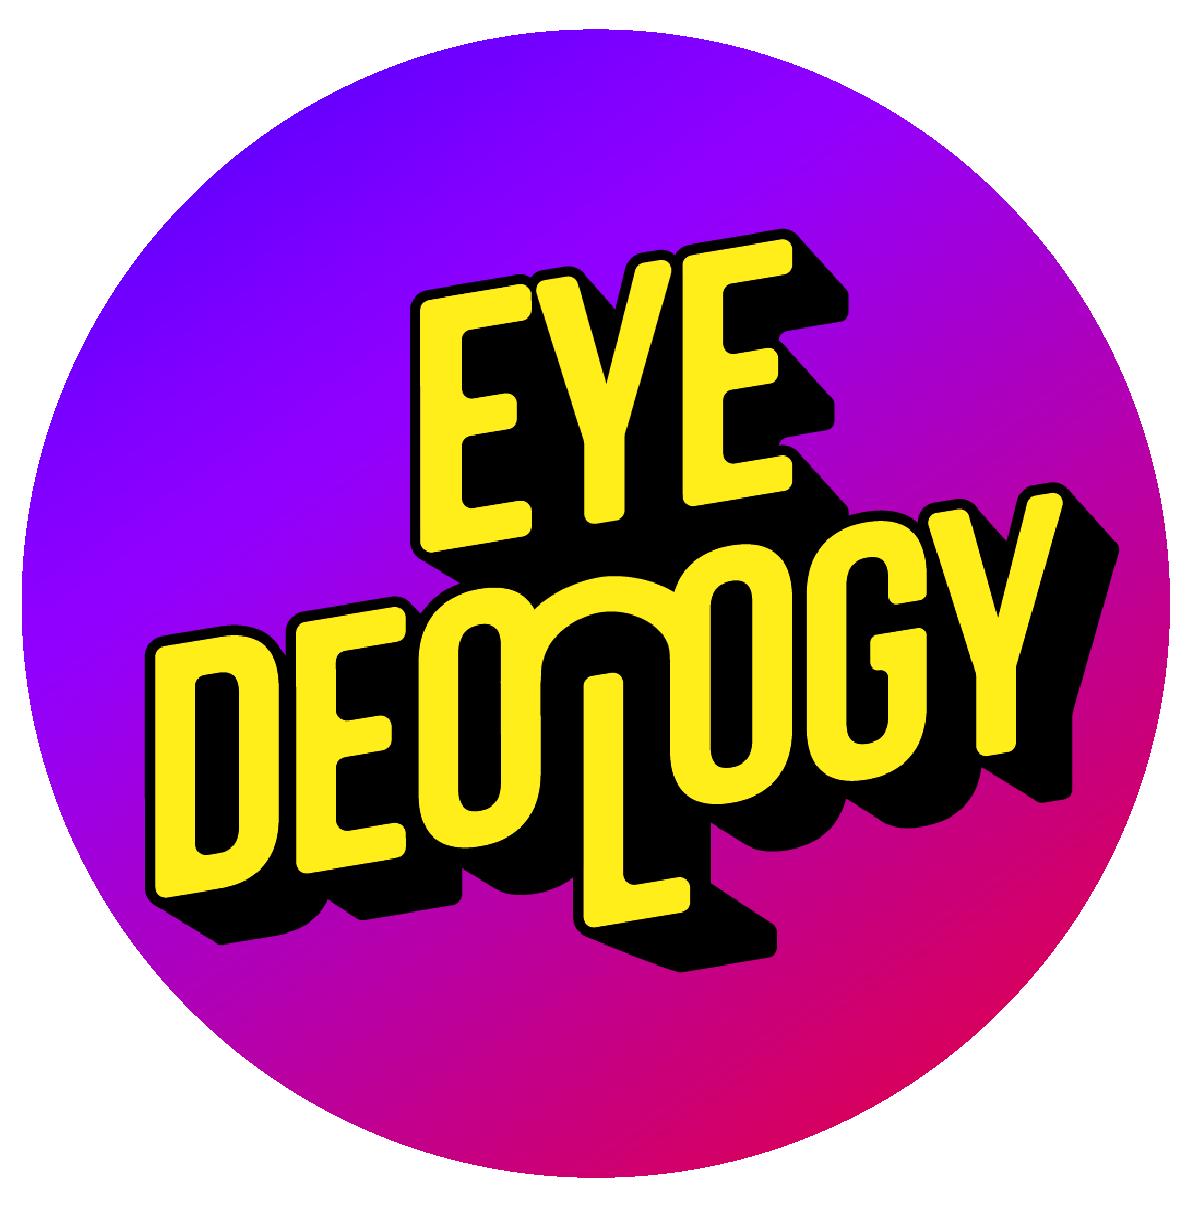 eyedeologyCircle-01.png